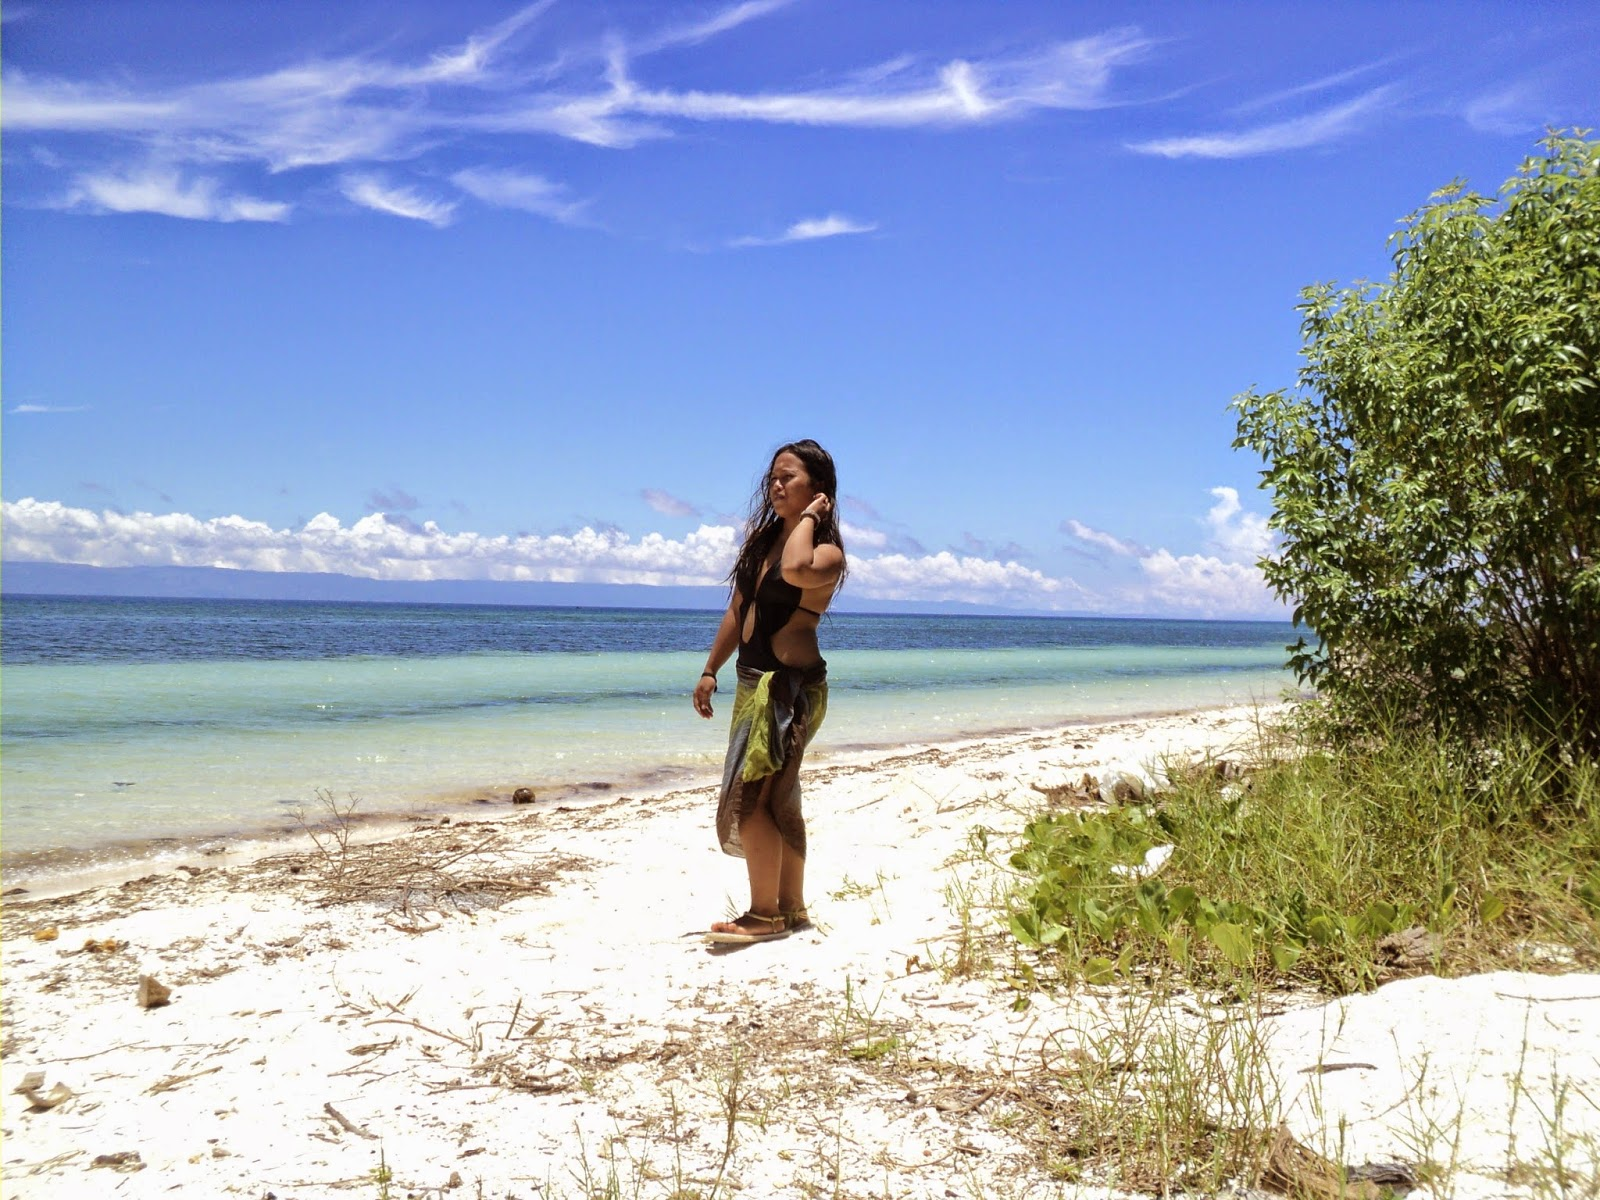 Piaszczyste plaże do okoła wyspy Siquijor Filipiny